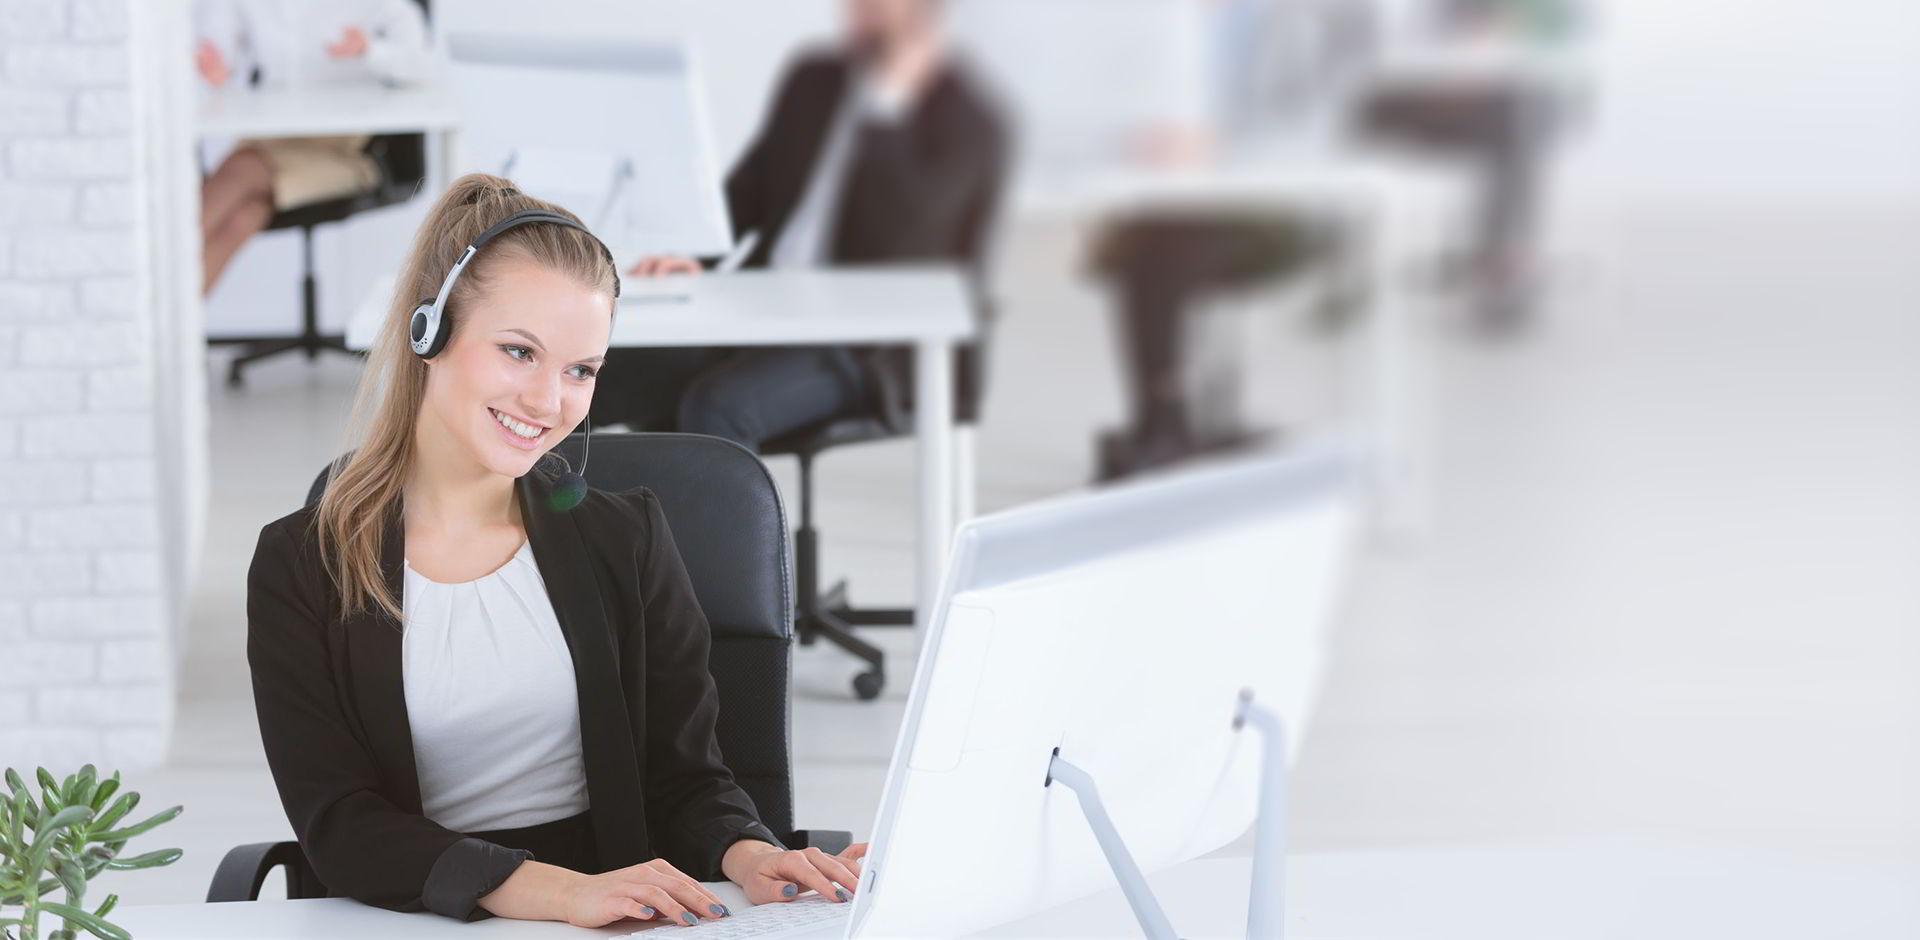 Femme souriante service clients